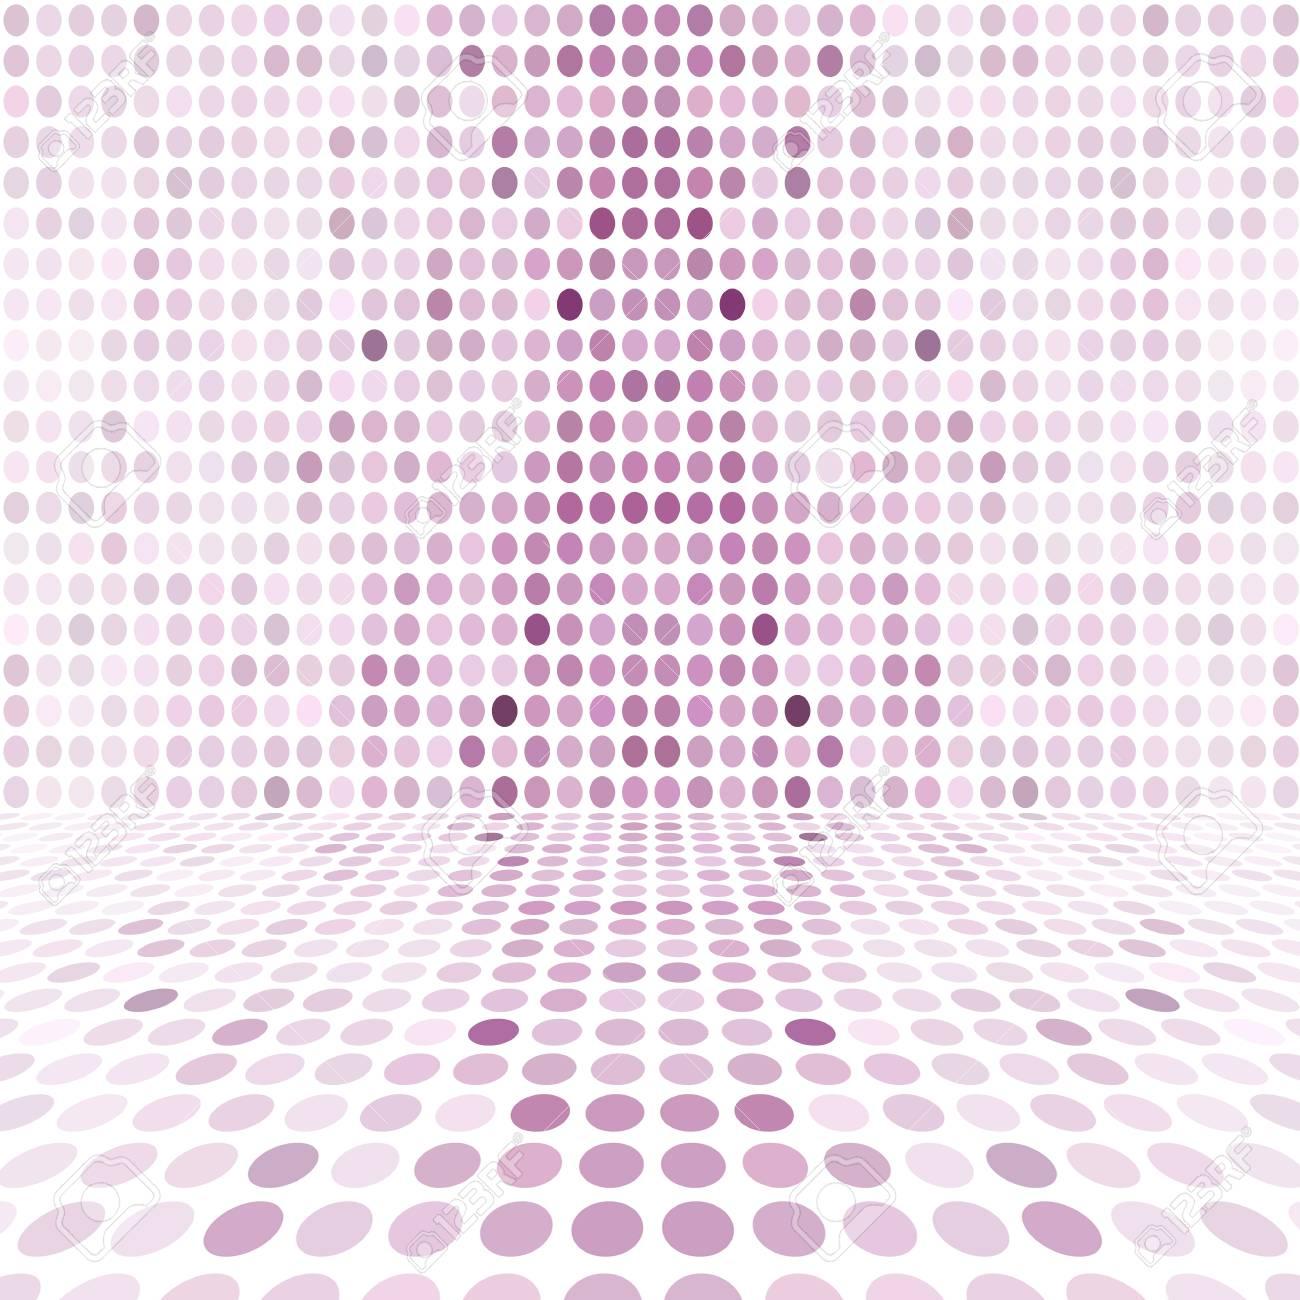 Pièce De Mur D Espace De Digital De Point Pourpre Vide De Perspective Pourpre